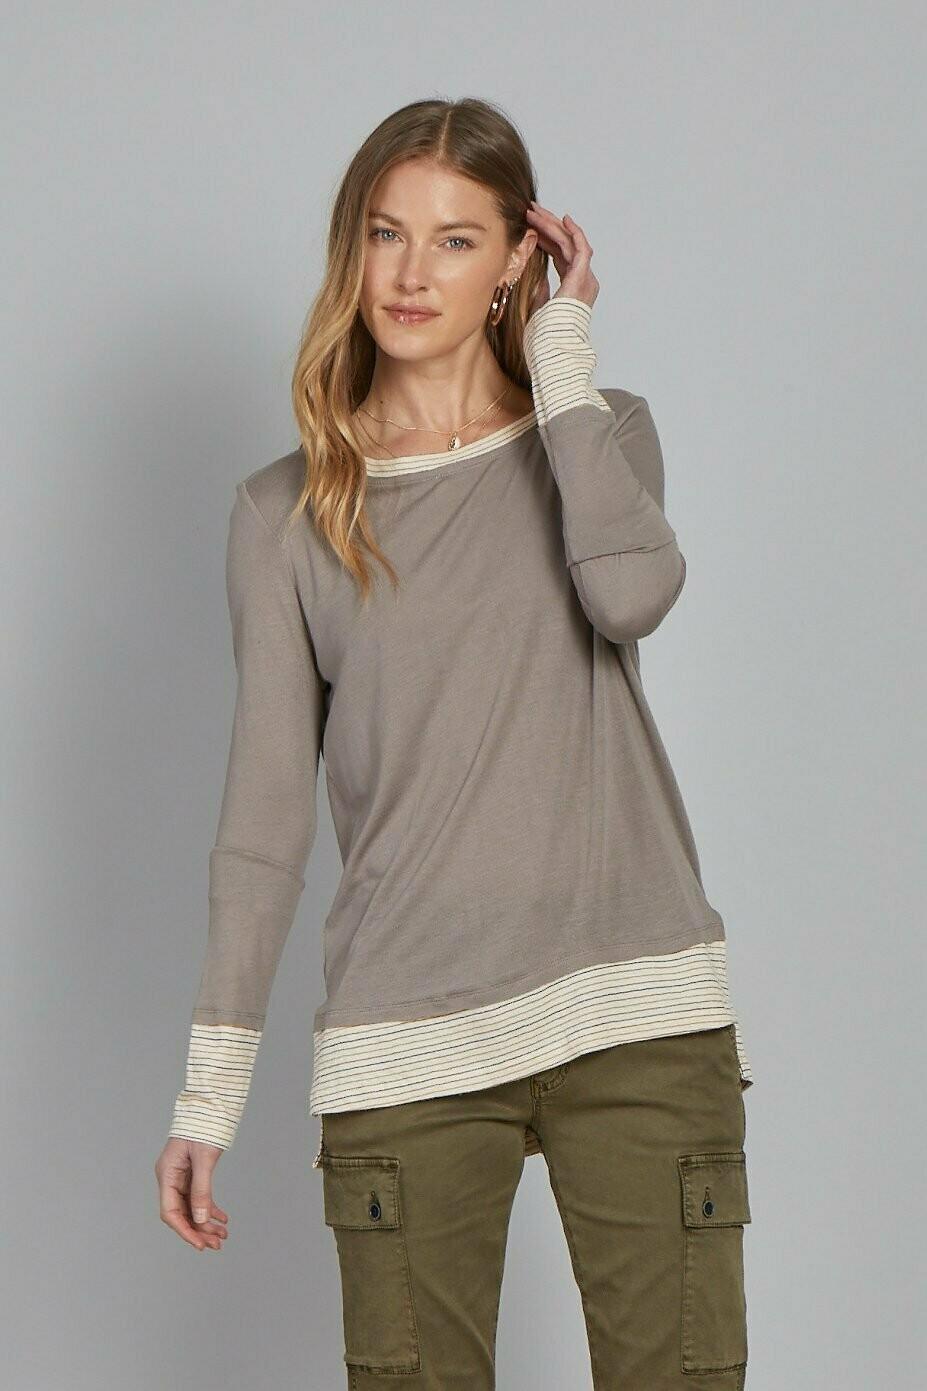 Karen- driftwood grey